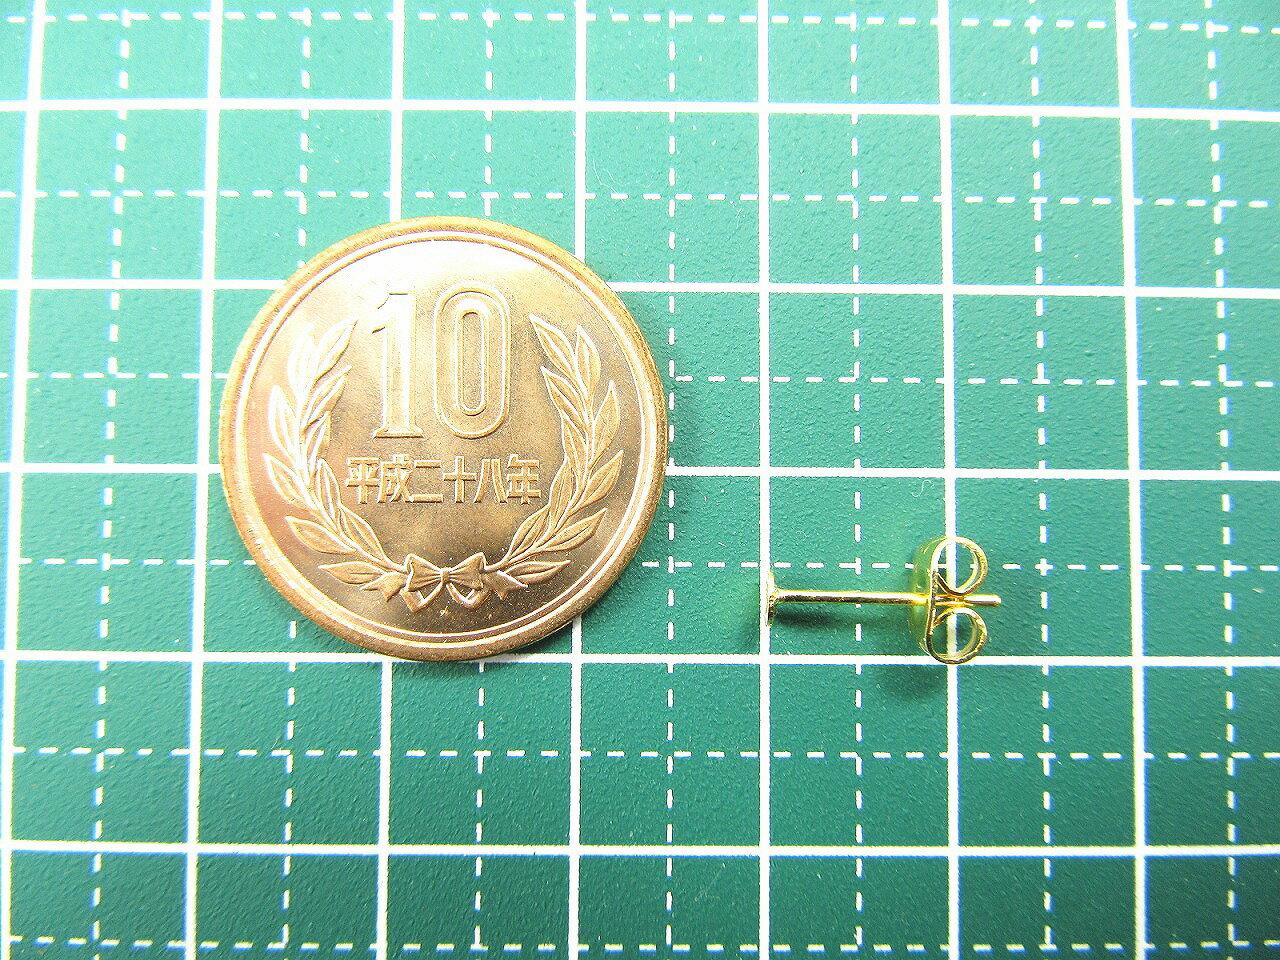 [50個] サージカルステンレス 丸皿5mm ピアス [ゴールド金] キャッチ付き パーツ